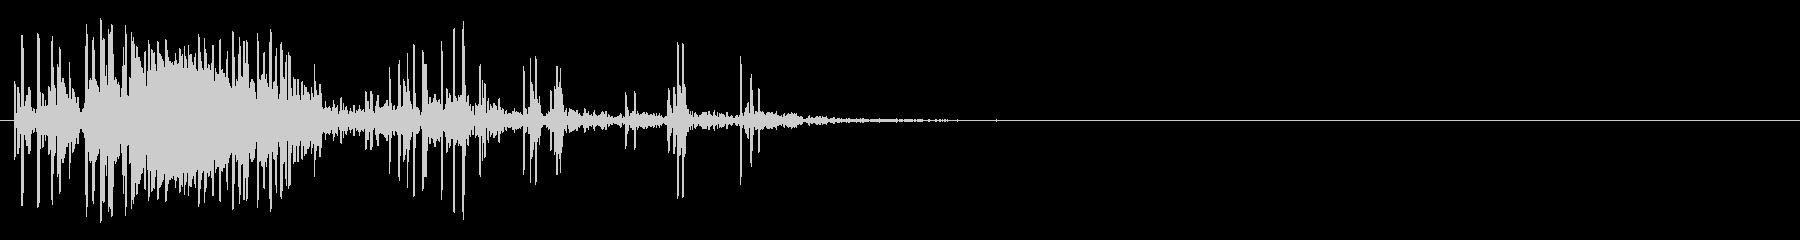 「 ガガガ・・」強力な衝撃・破壊音#4の未再生の波形